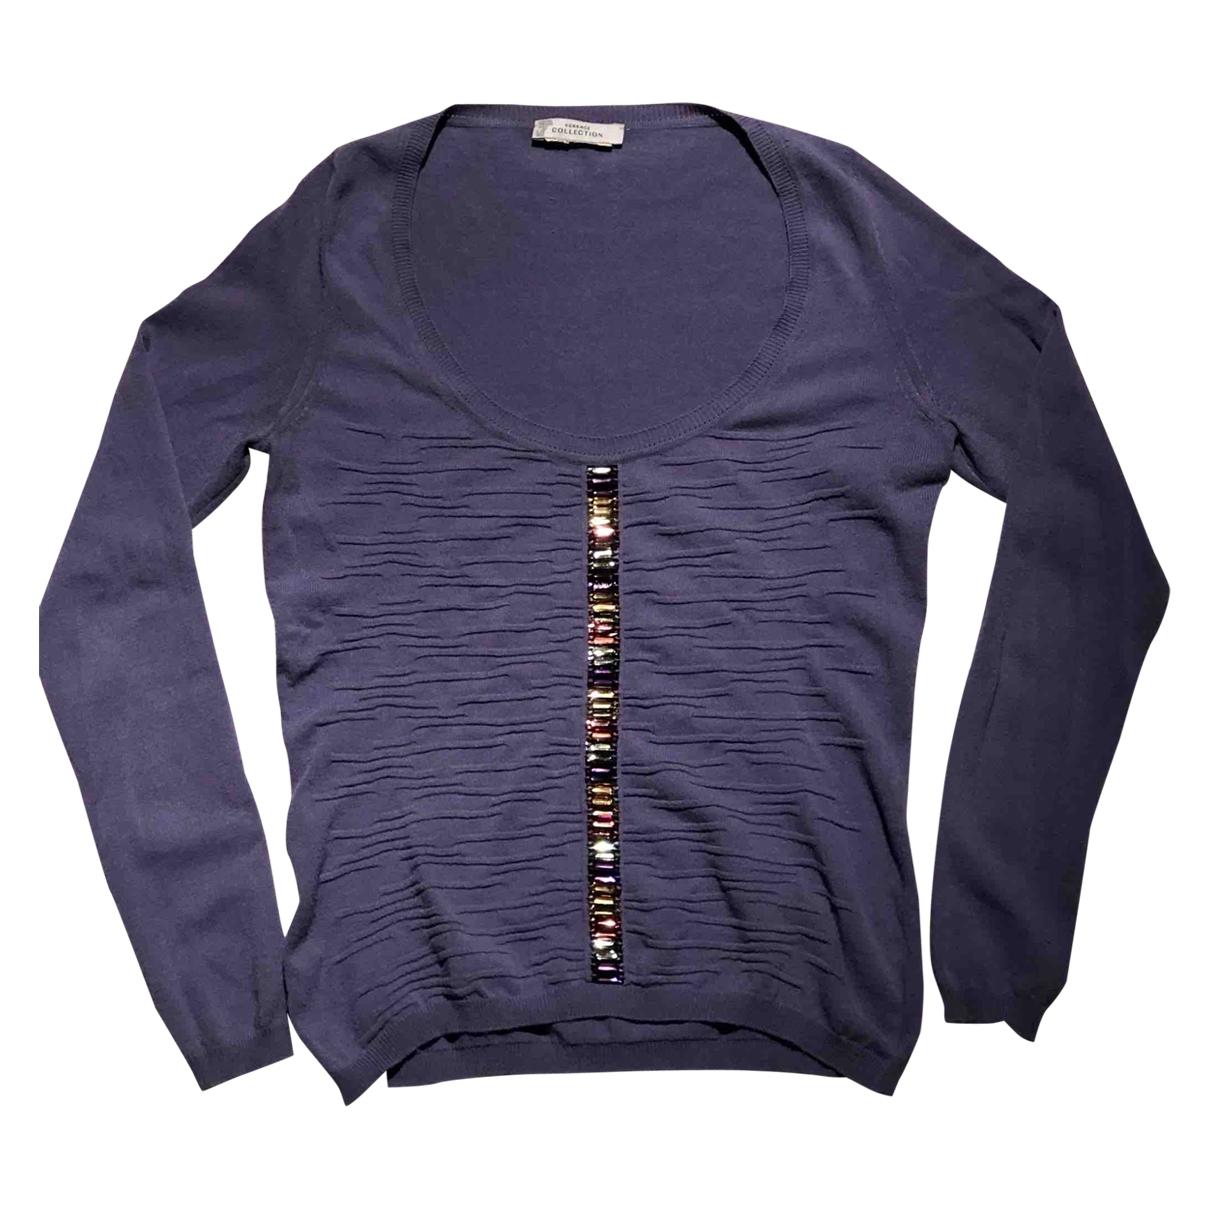 Versace - Pull   pour femme - violet